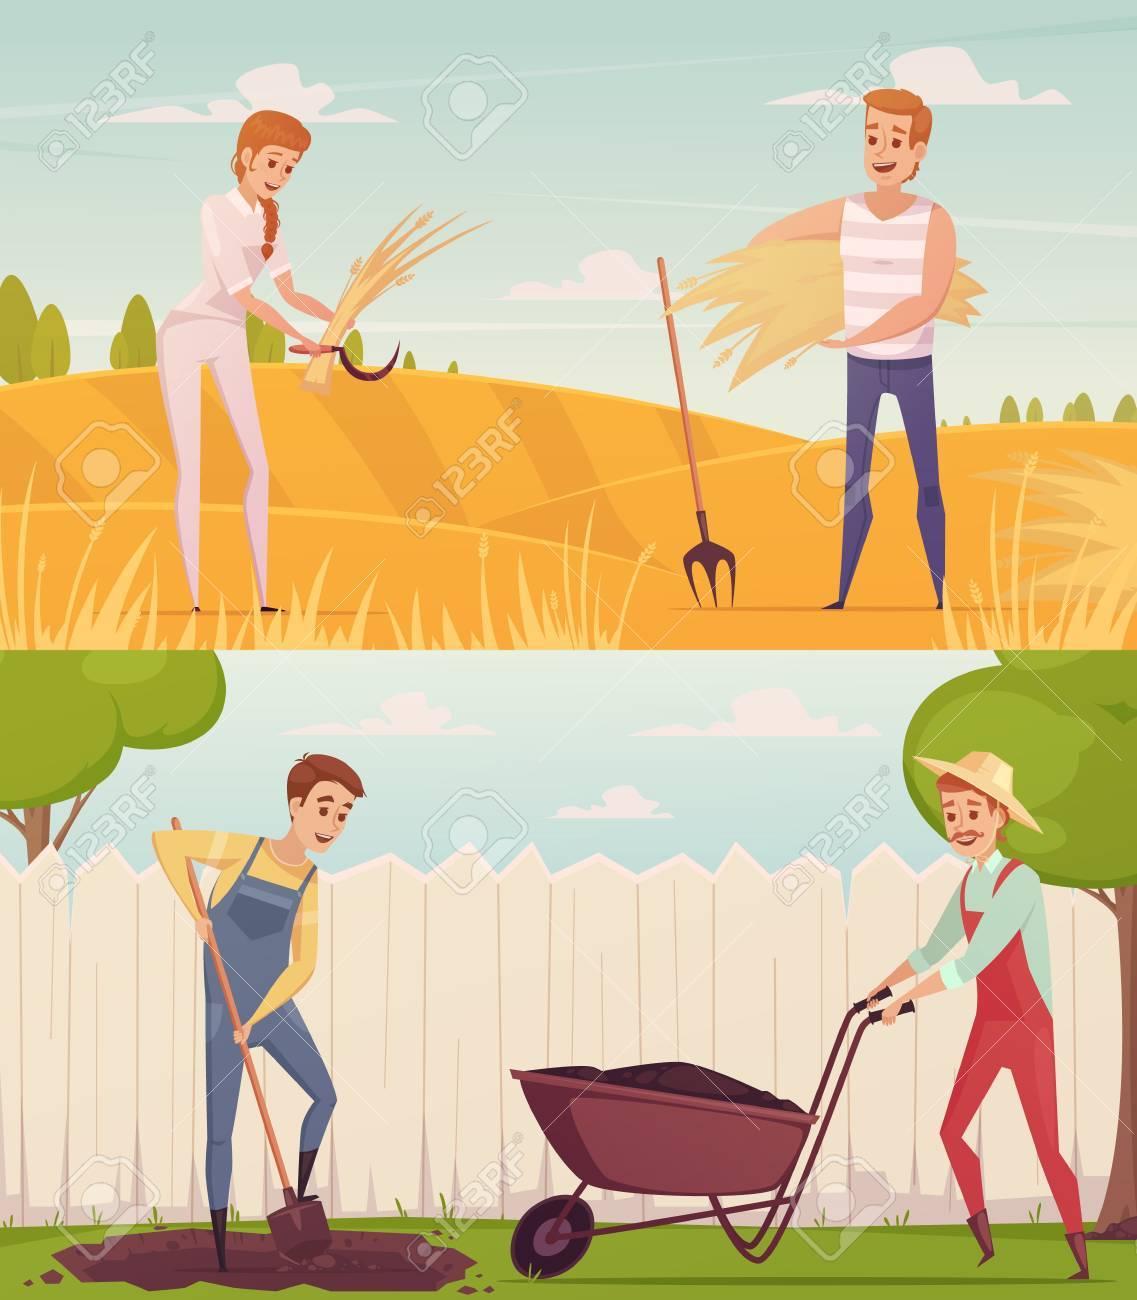 Zwei Gartner Bauer Cartoon Menschen Kompositionen Mit Lustigen Comic